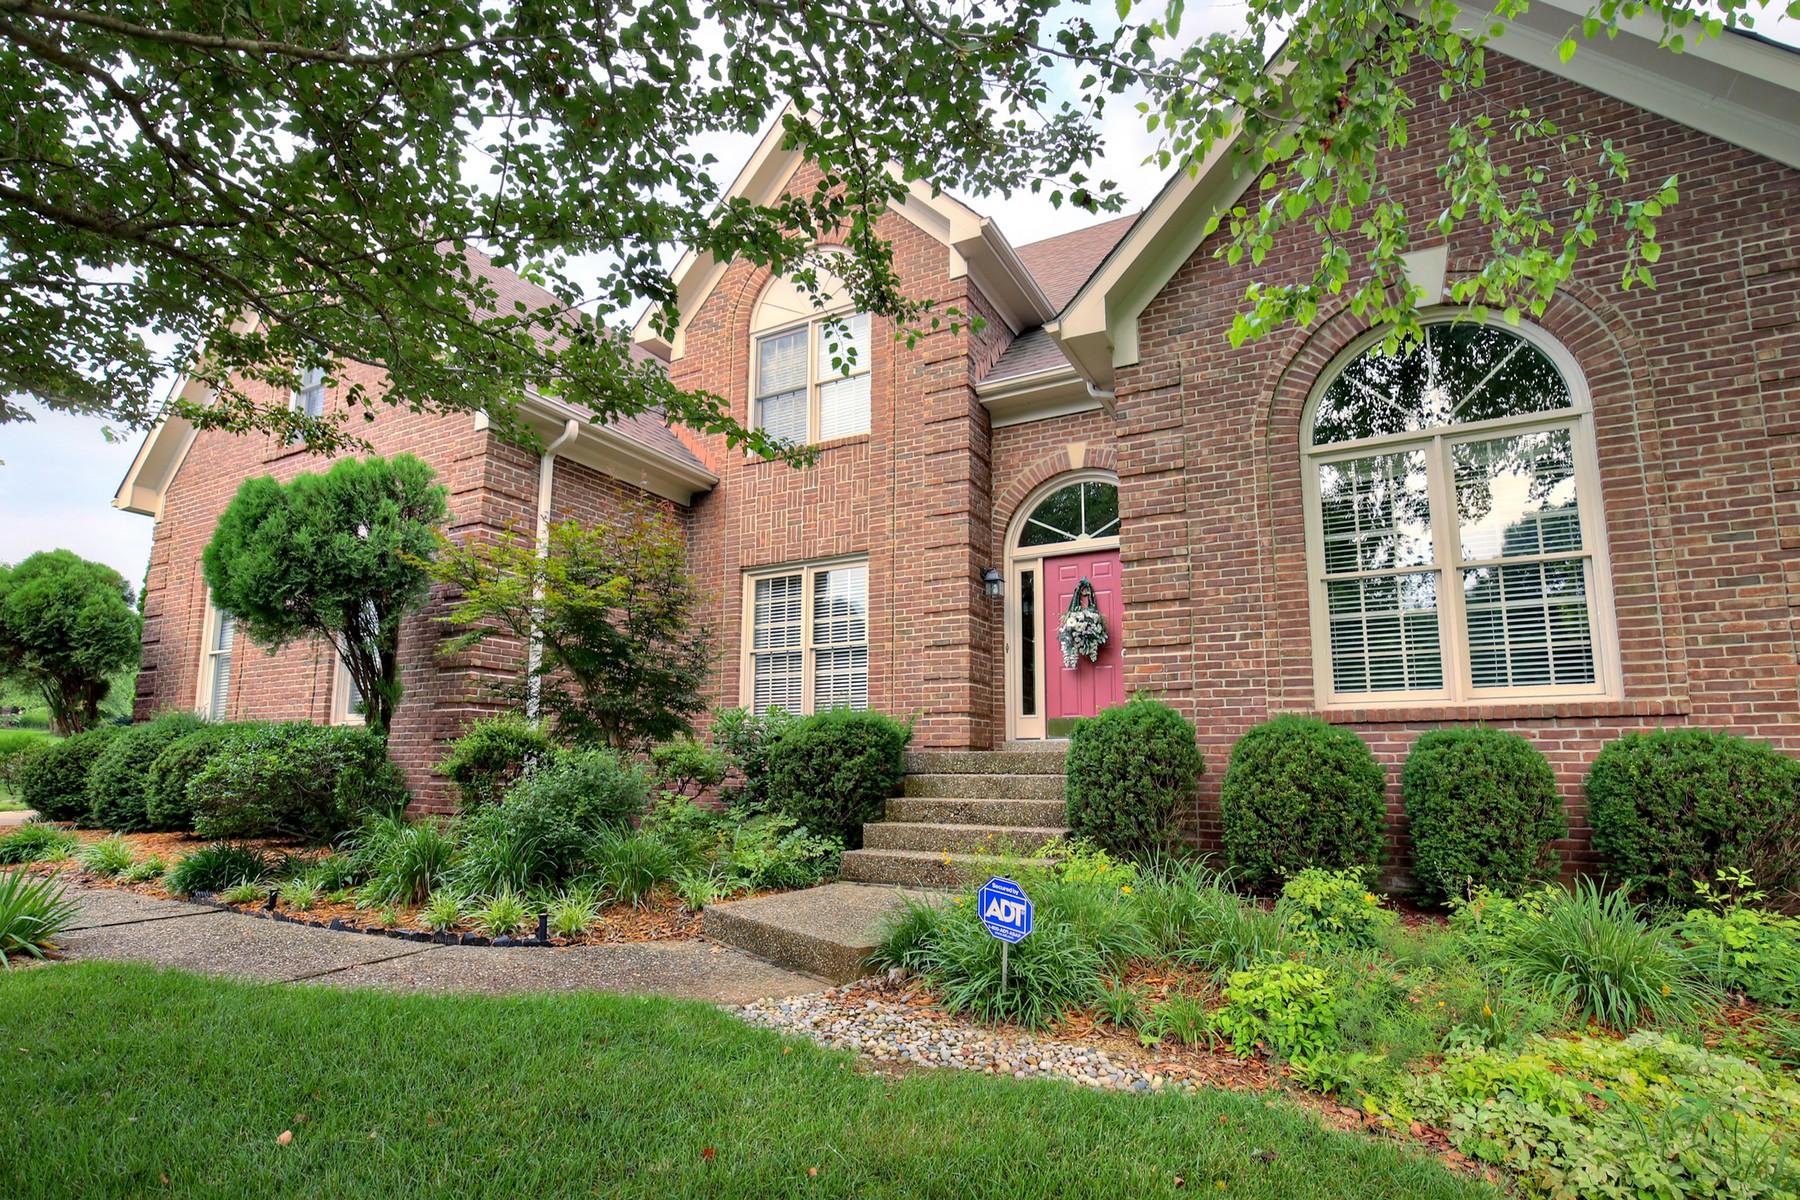 Maison unifamiliale pour l Vente à 6600 Harrods View Circle Prospect, Kentucky 40059 États-Unis